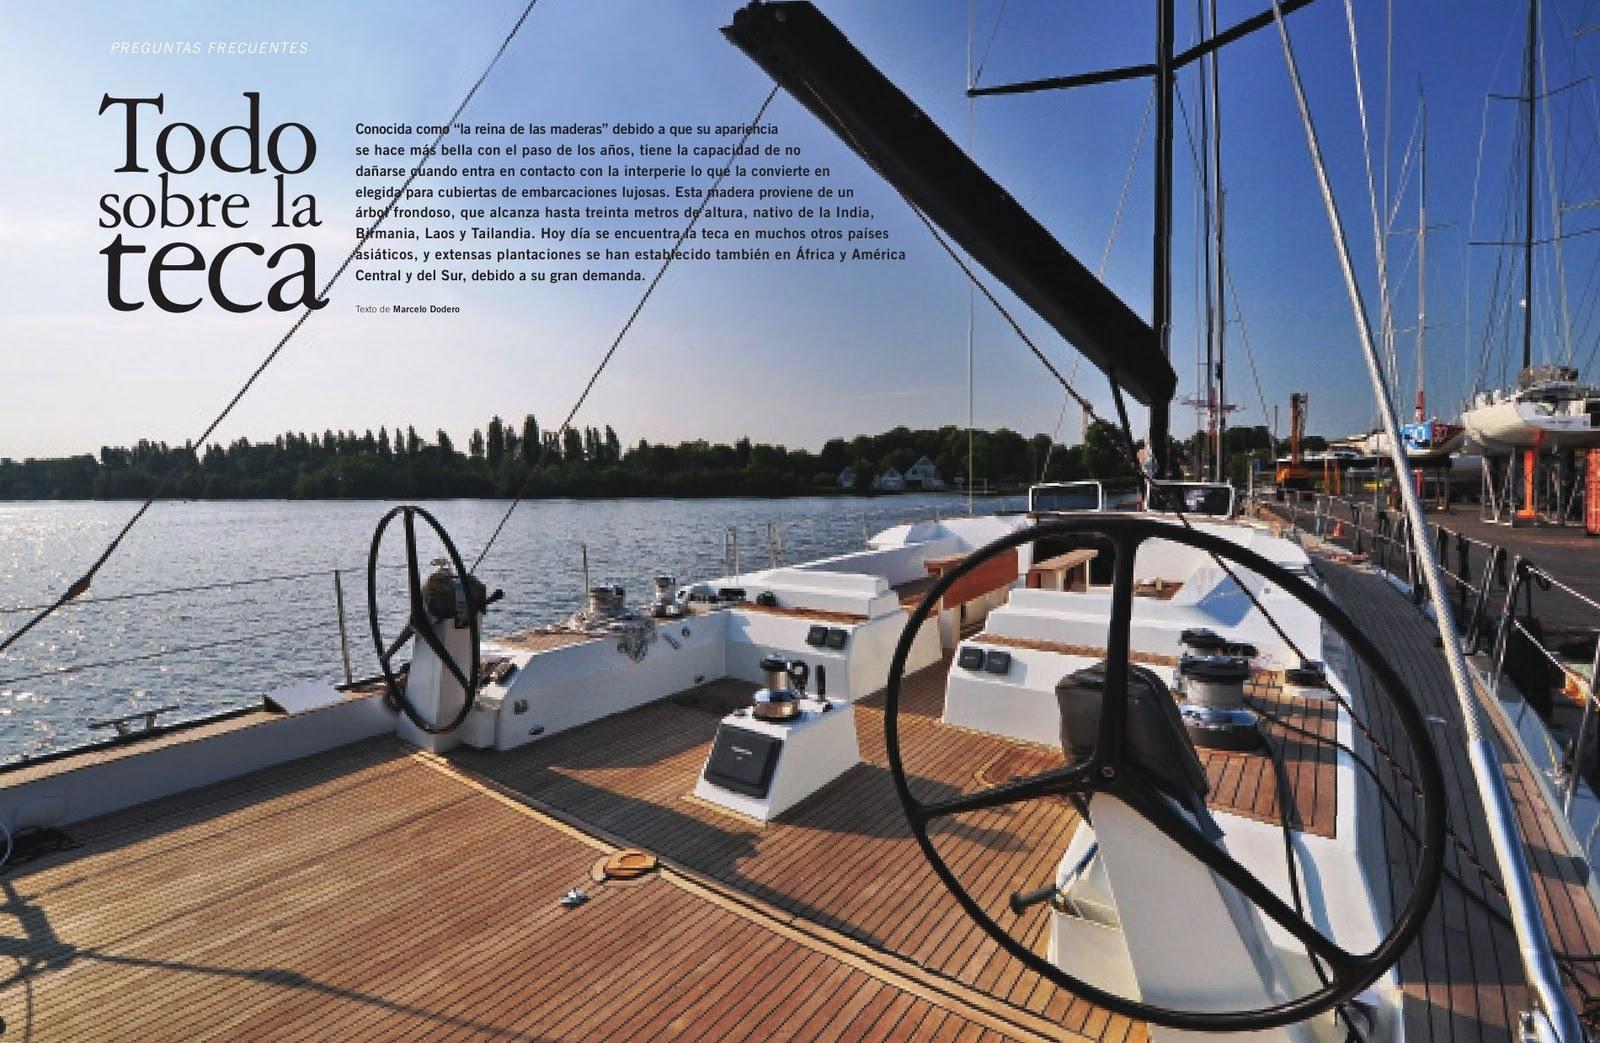 Soluciones en teca ver nota revista barcos oct 2012 - Todo sobre barcos ...